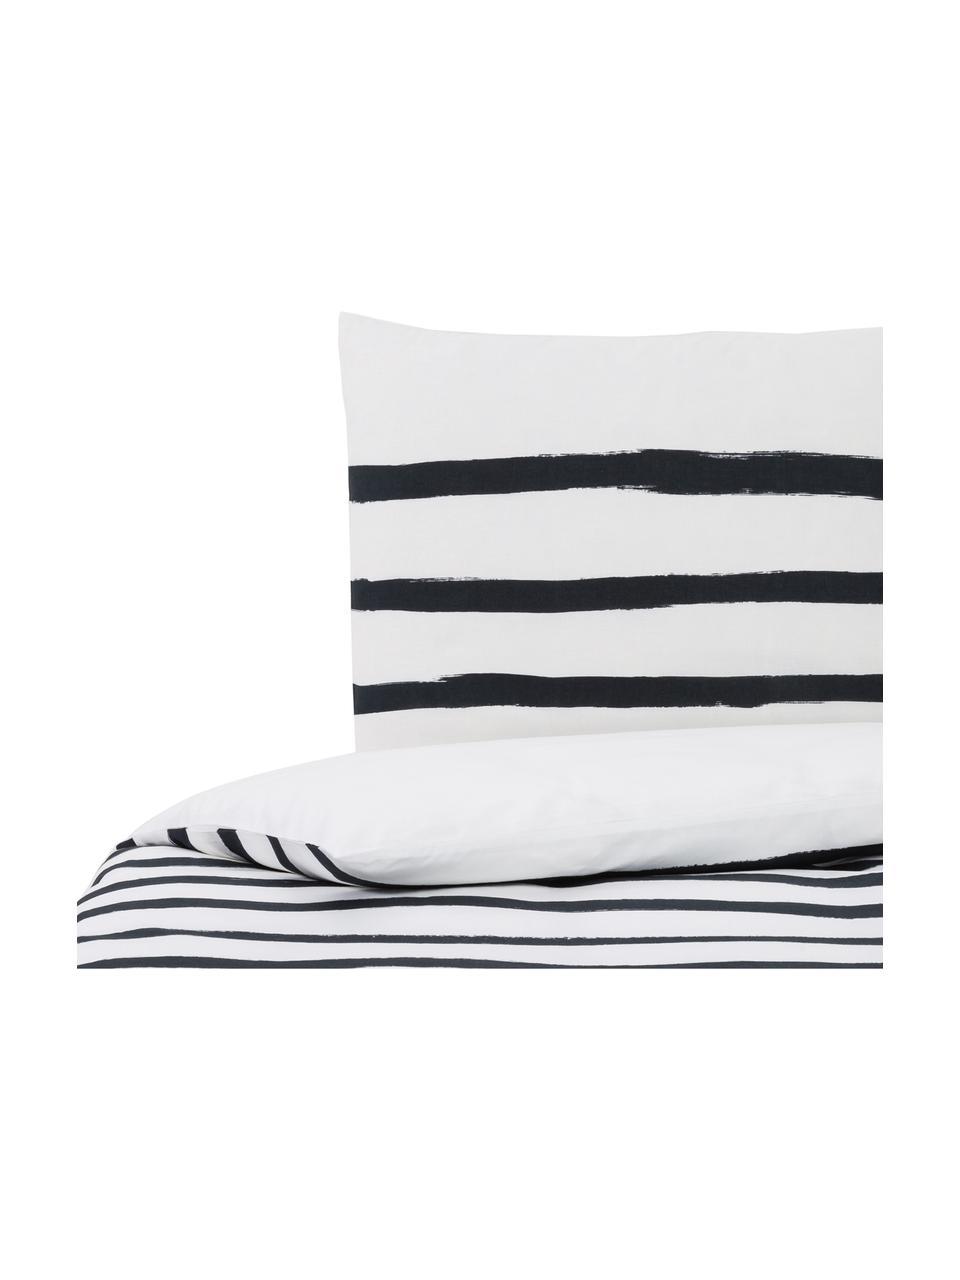 Dubbelzijdig dekbedovertrek Stripes, Katoen, Bovenzijde: wit, zwart. Onderzijde: wit, 140 x 200 cm + 2 kussen 60 x 70 cm